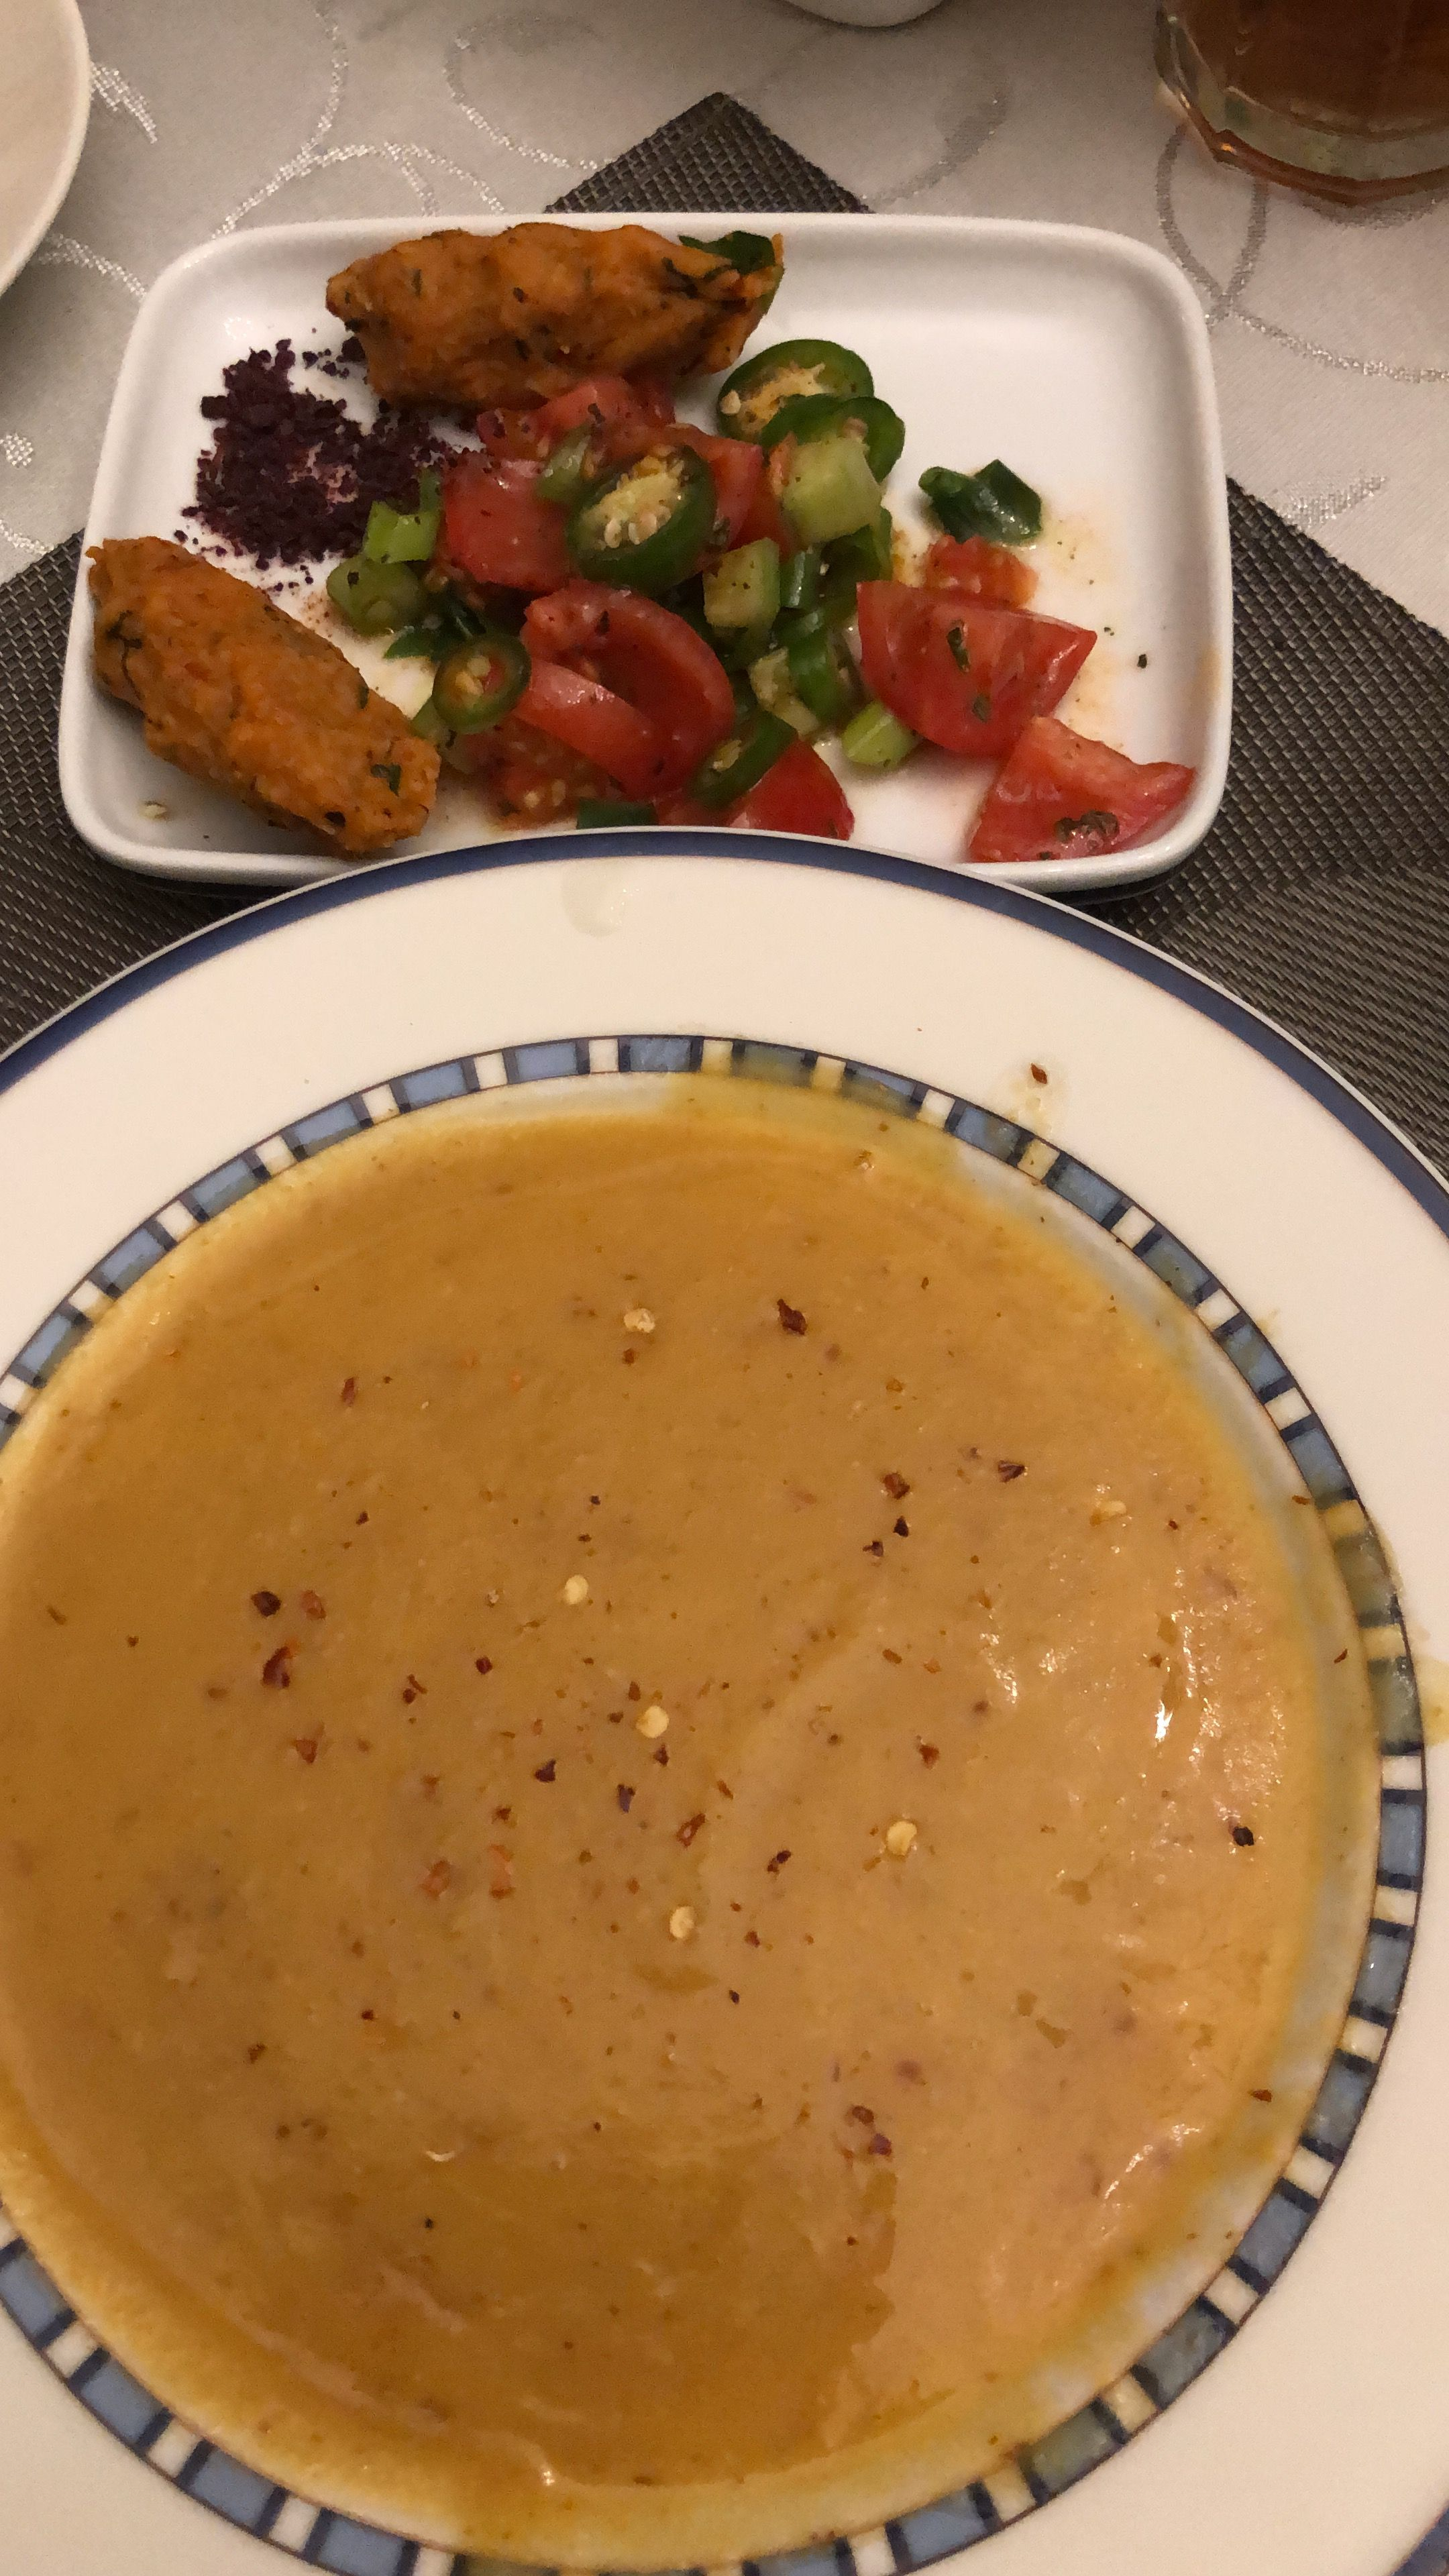 Turkische Linsensuppe Linsenboulette Mit Salat Turkische Linsensuppe Linsensuppe Turkisch